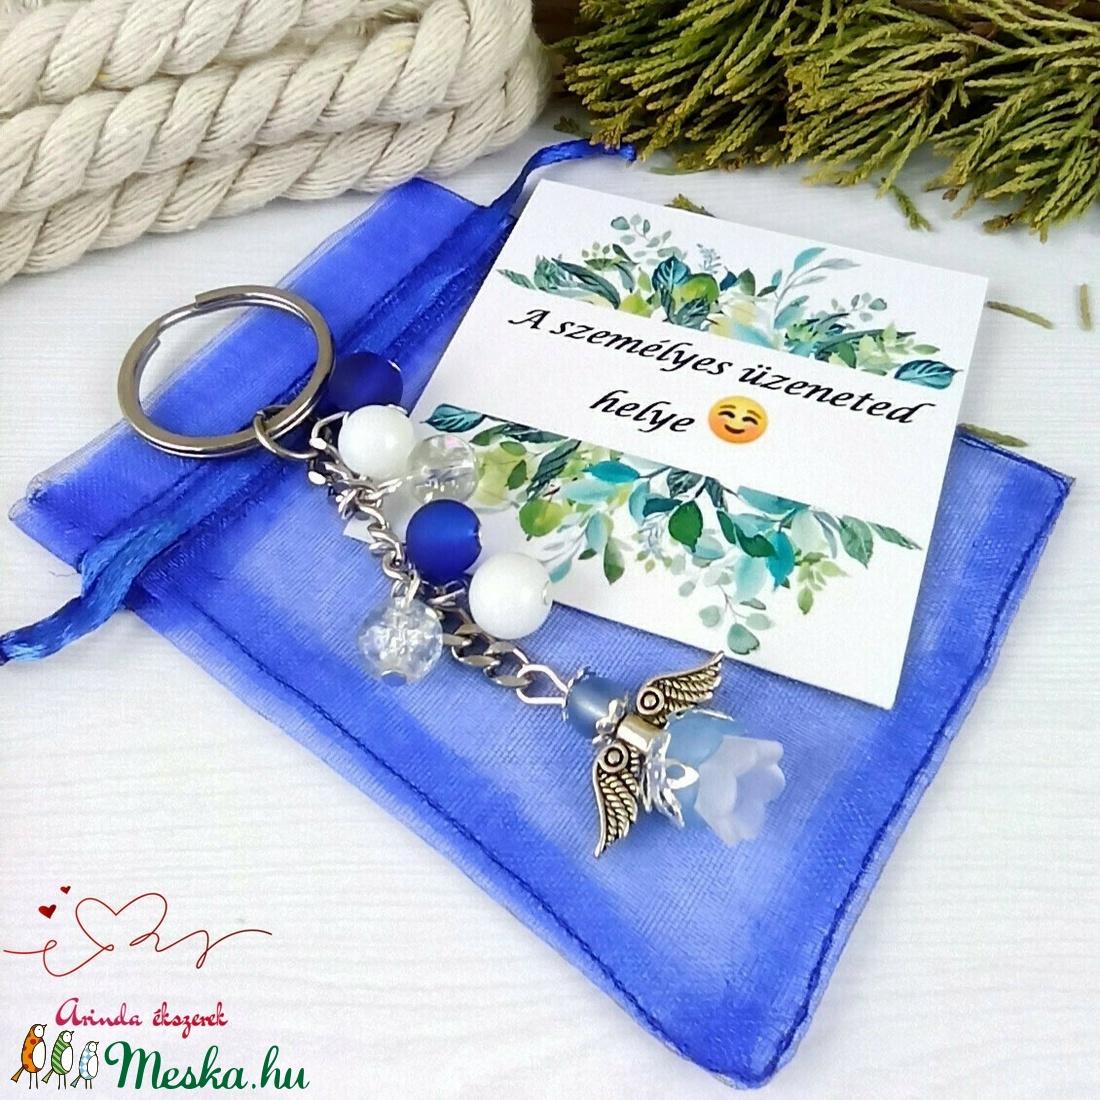 Nyugalom sötétkék angyal kulcstartó táskadísz anyák napja ballagás évzáró pedagógus karácsony szülinap névnap - táska & tok - kulcstartó & táskadísz - kulcstartó - Meska.hu